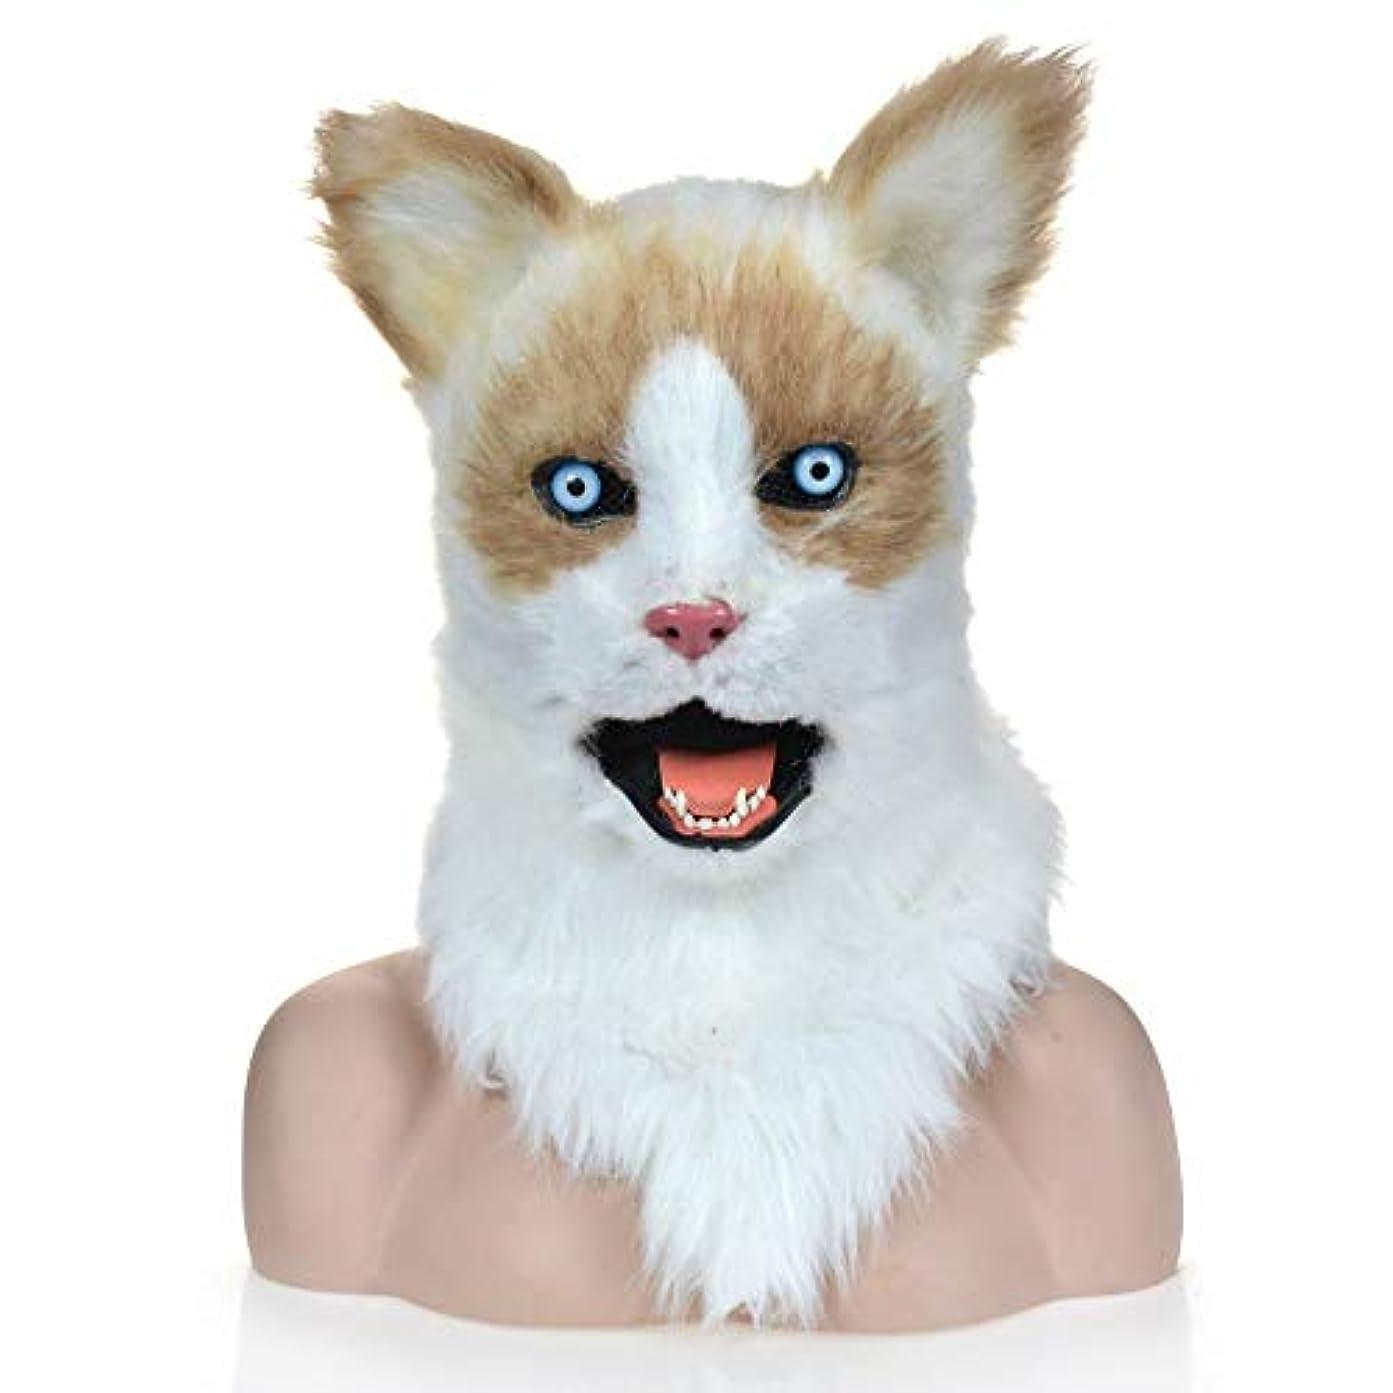 栄養建てるウールETH 動物動物猫ファッションショーシミュレーションマスク/ハロウィーンのデコレーション/アクセサリー 適用されます